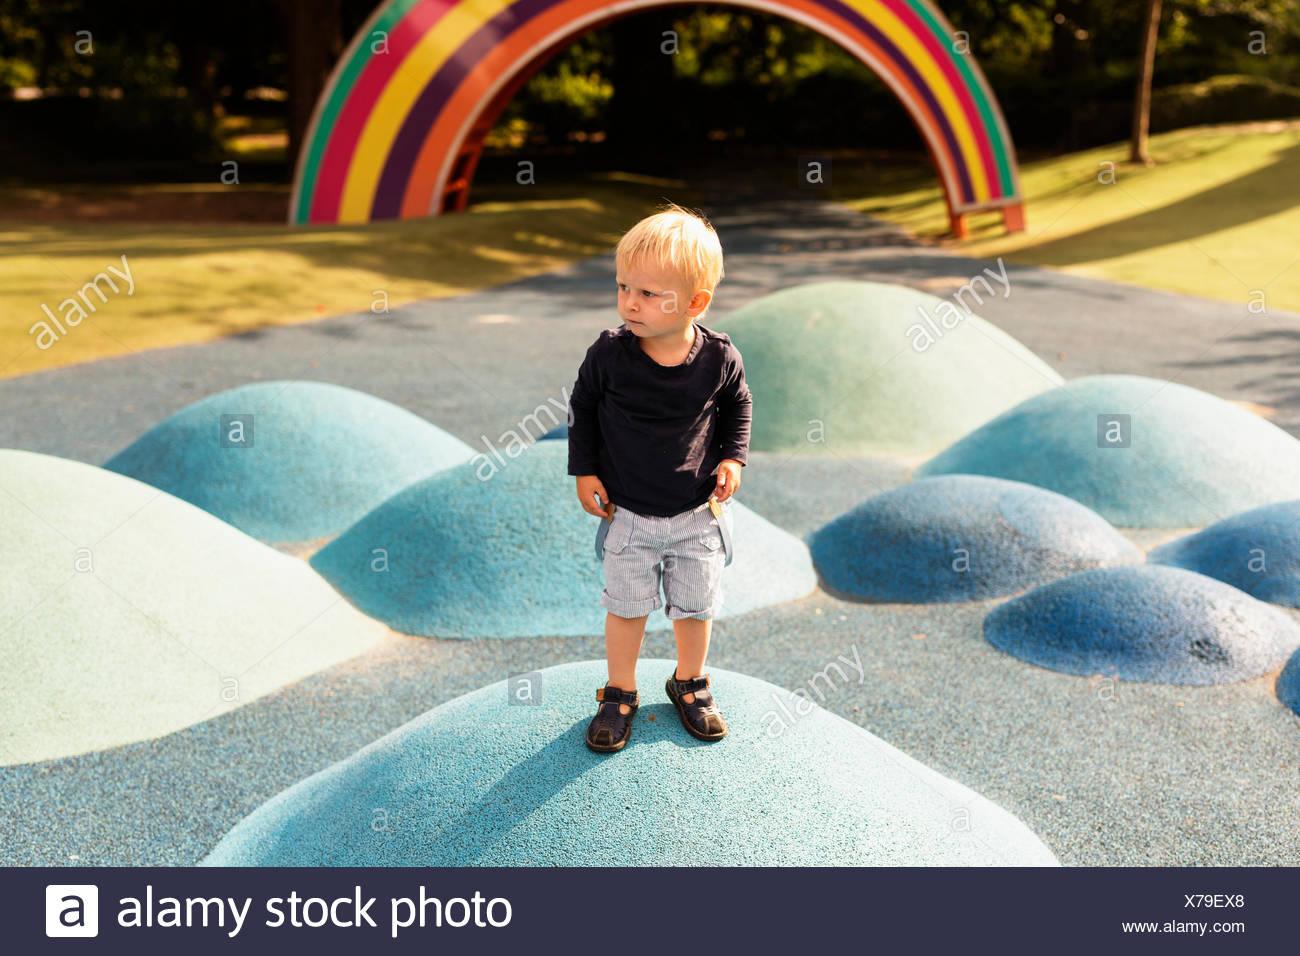 Gesamte Länge der junge Stand auf künstlichen Hügel auf Spielplatz Stockbild